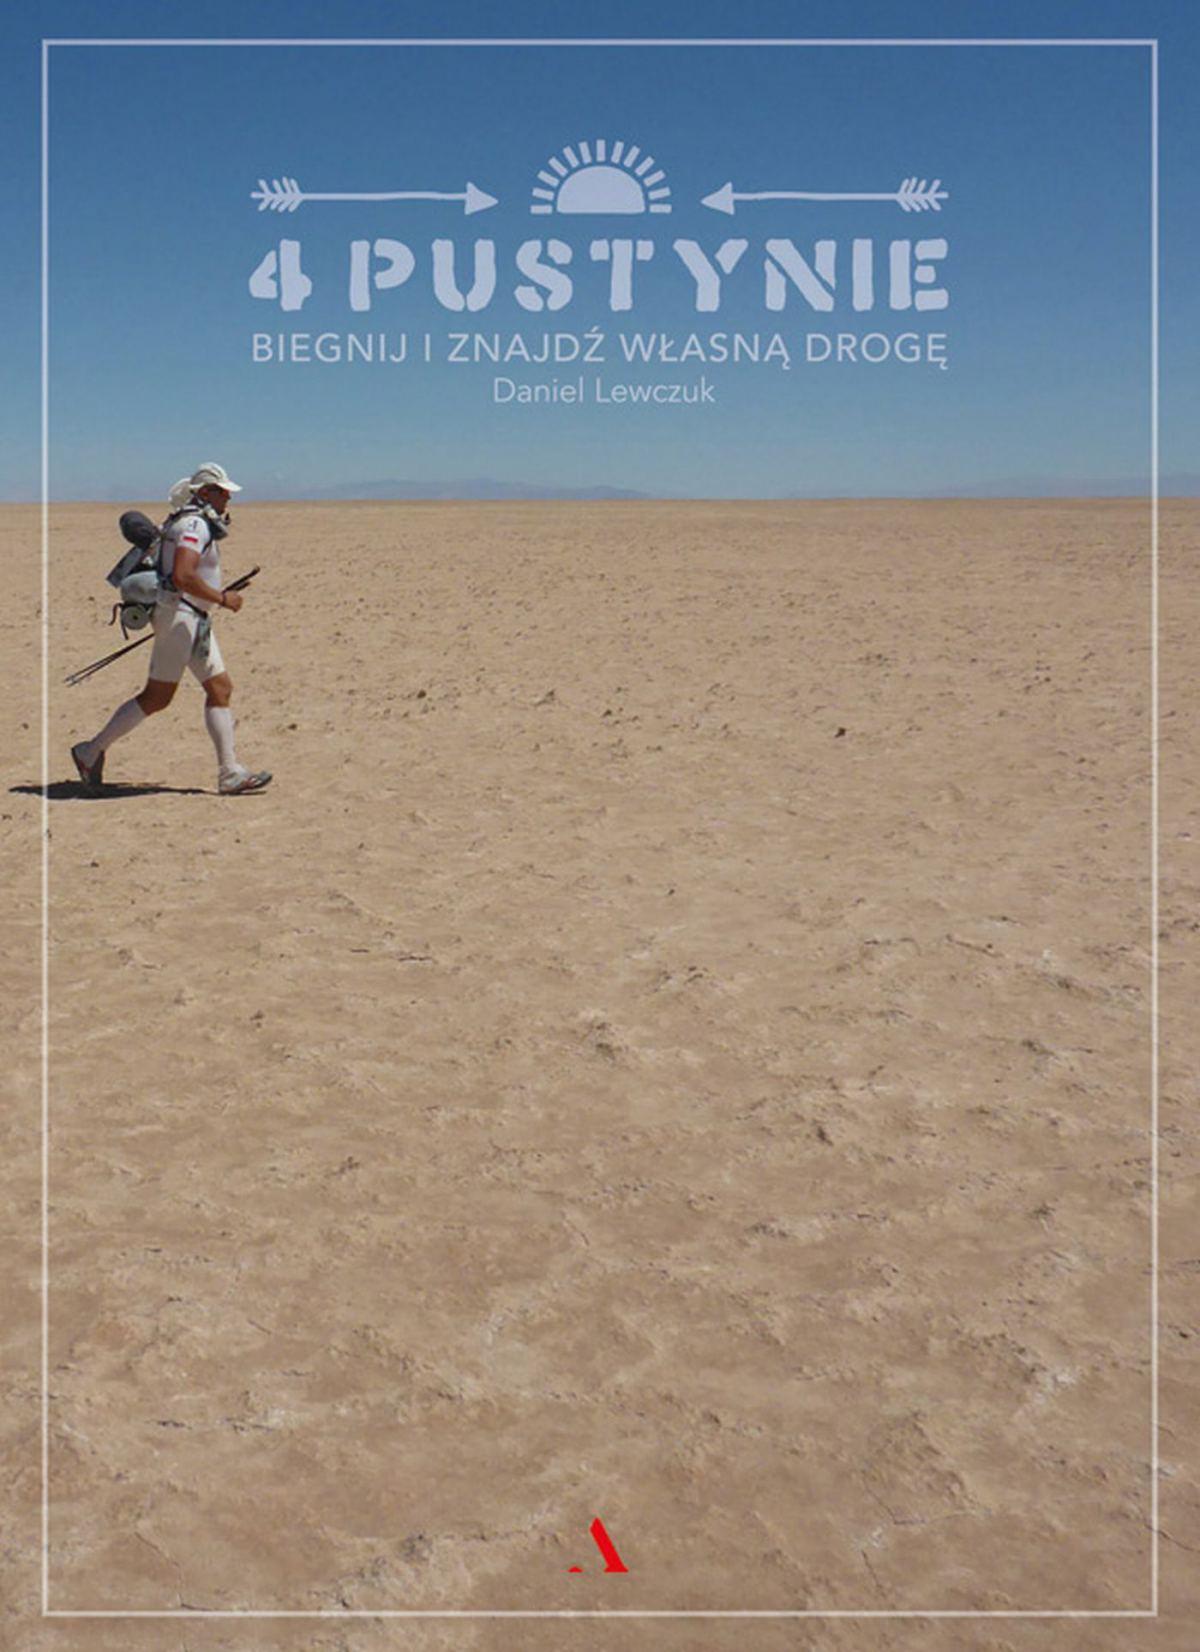 4 pustynie. Biegnij i znajdź własną drogę - Ebook (Książka EPUB) do pobrania w formacie EPUB